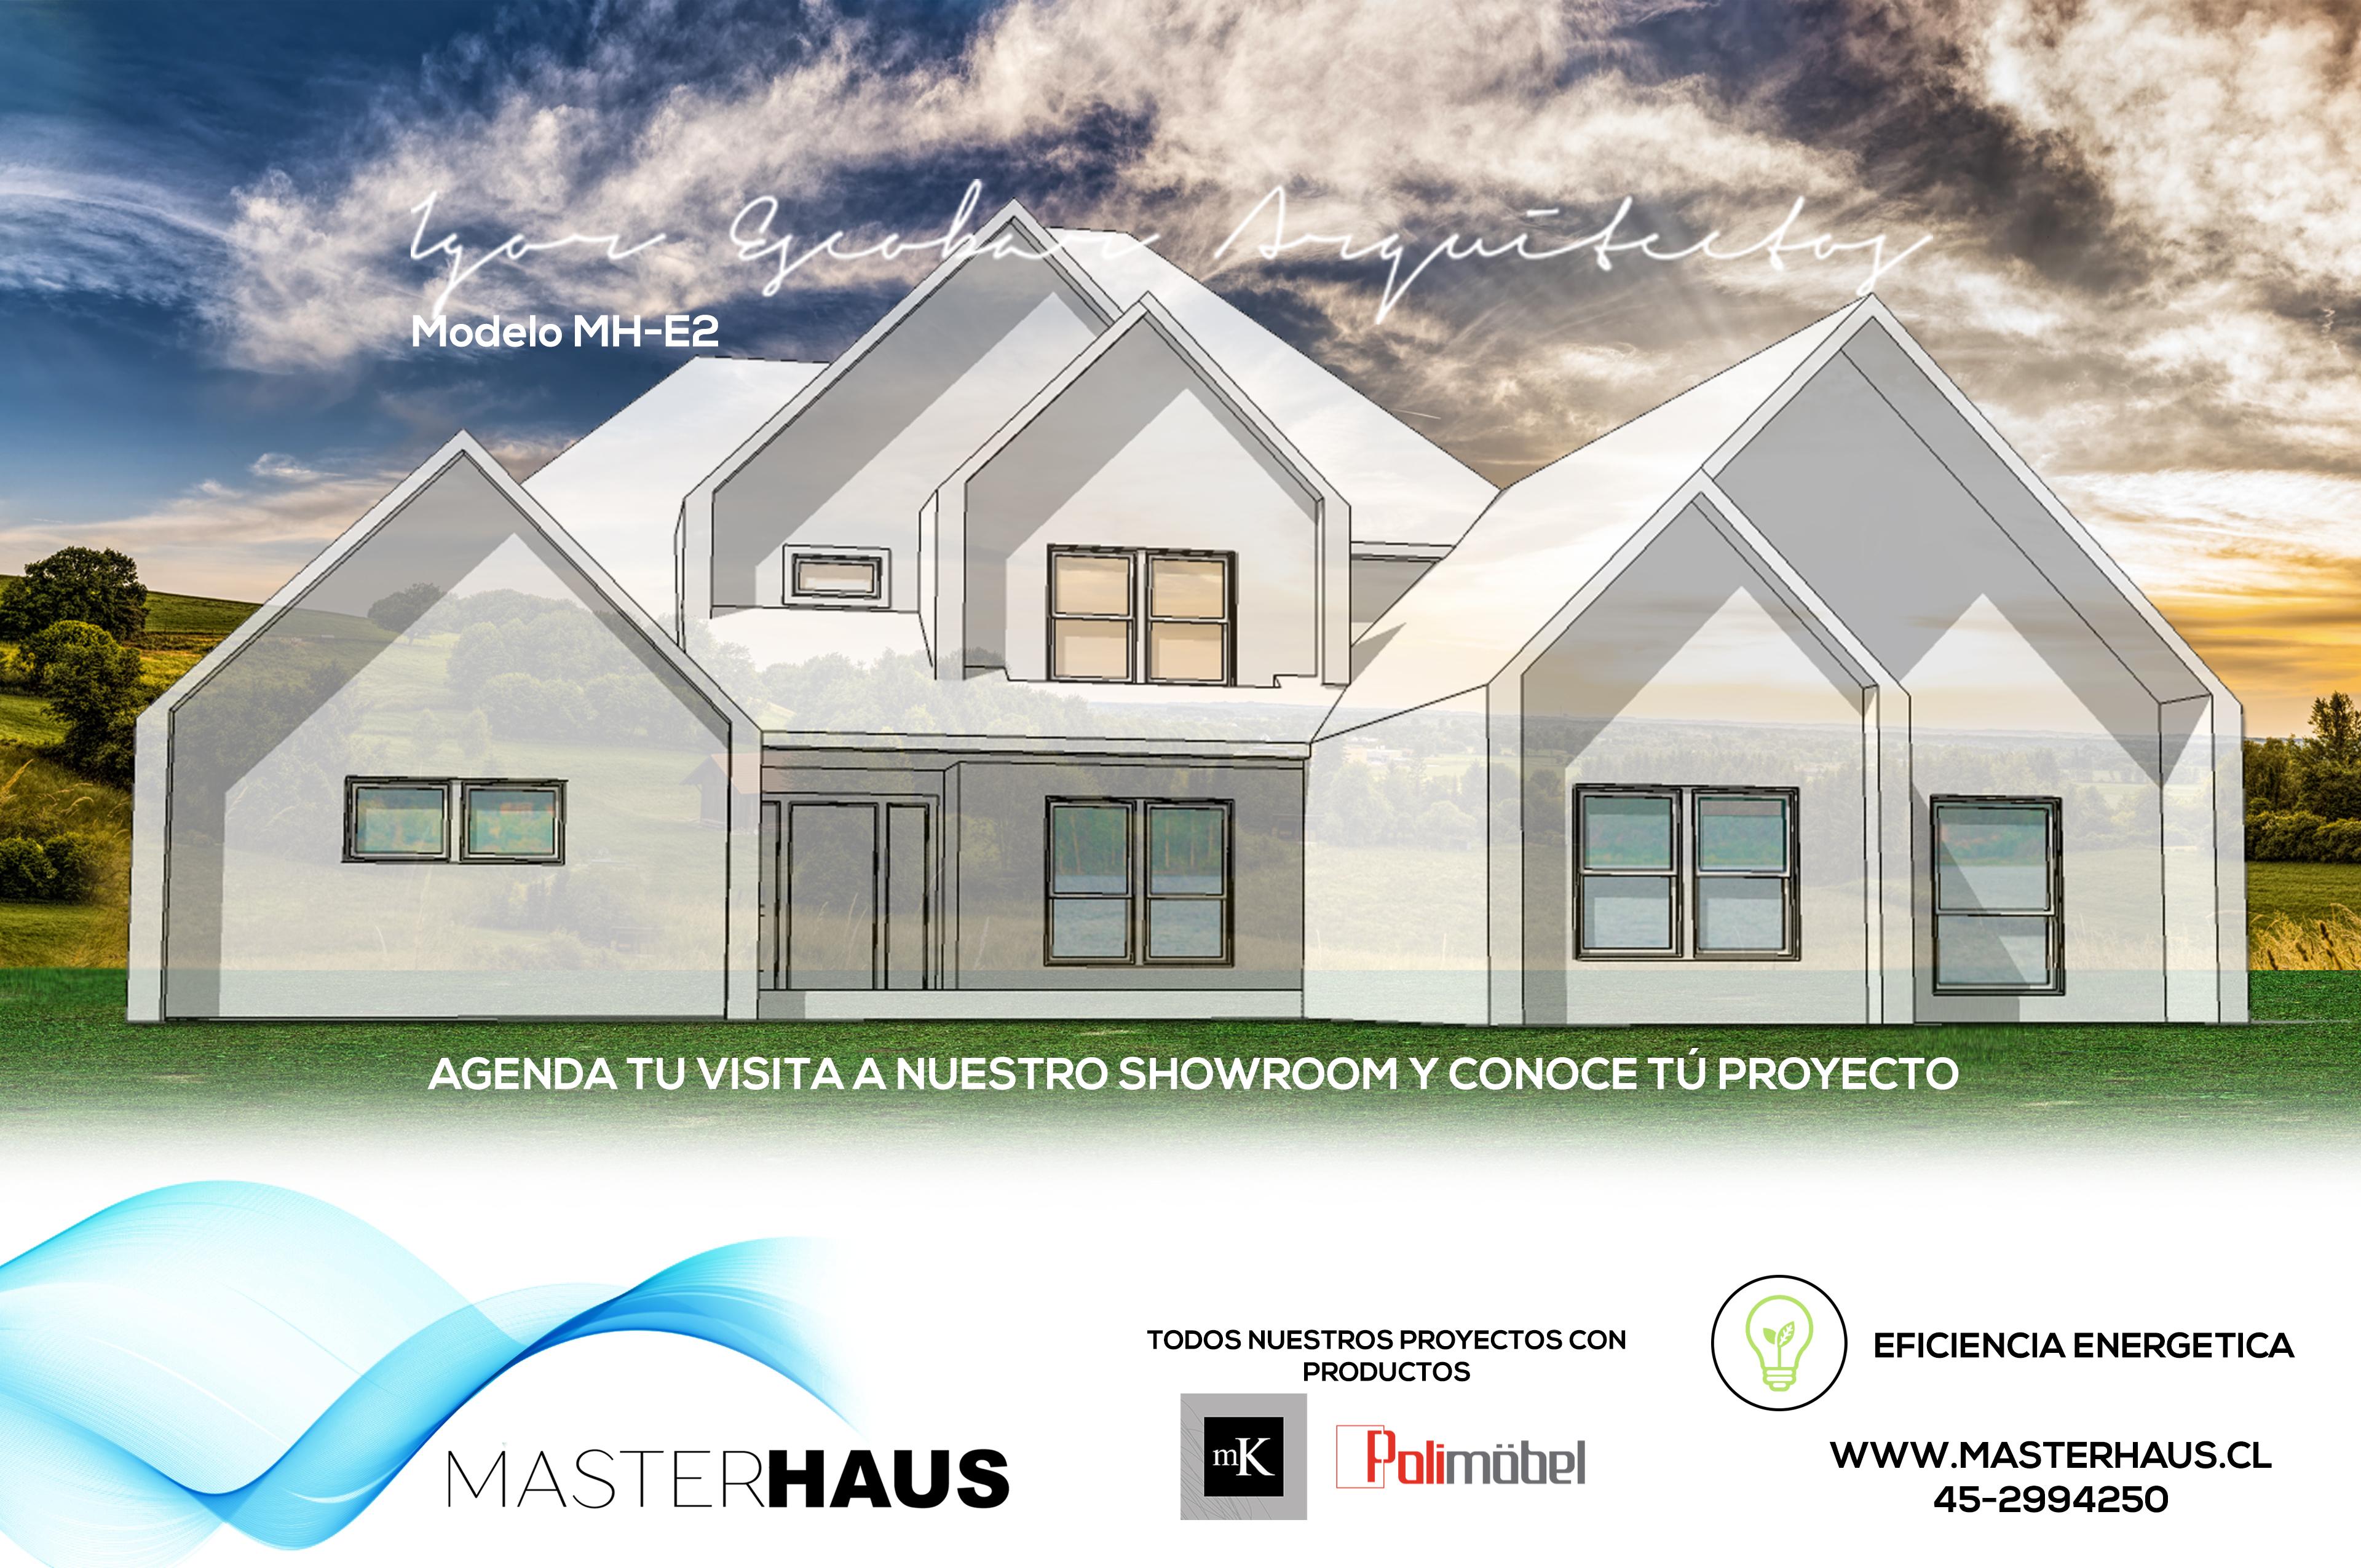 Masterhaus mod. MH-E2